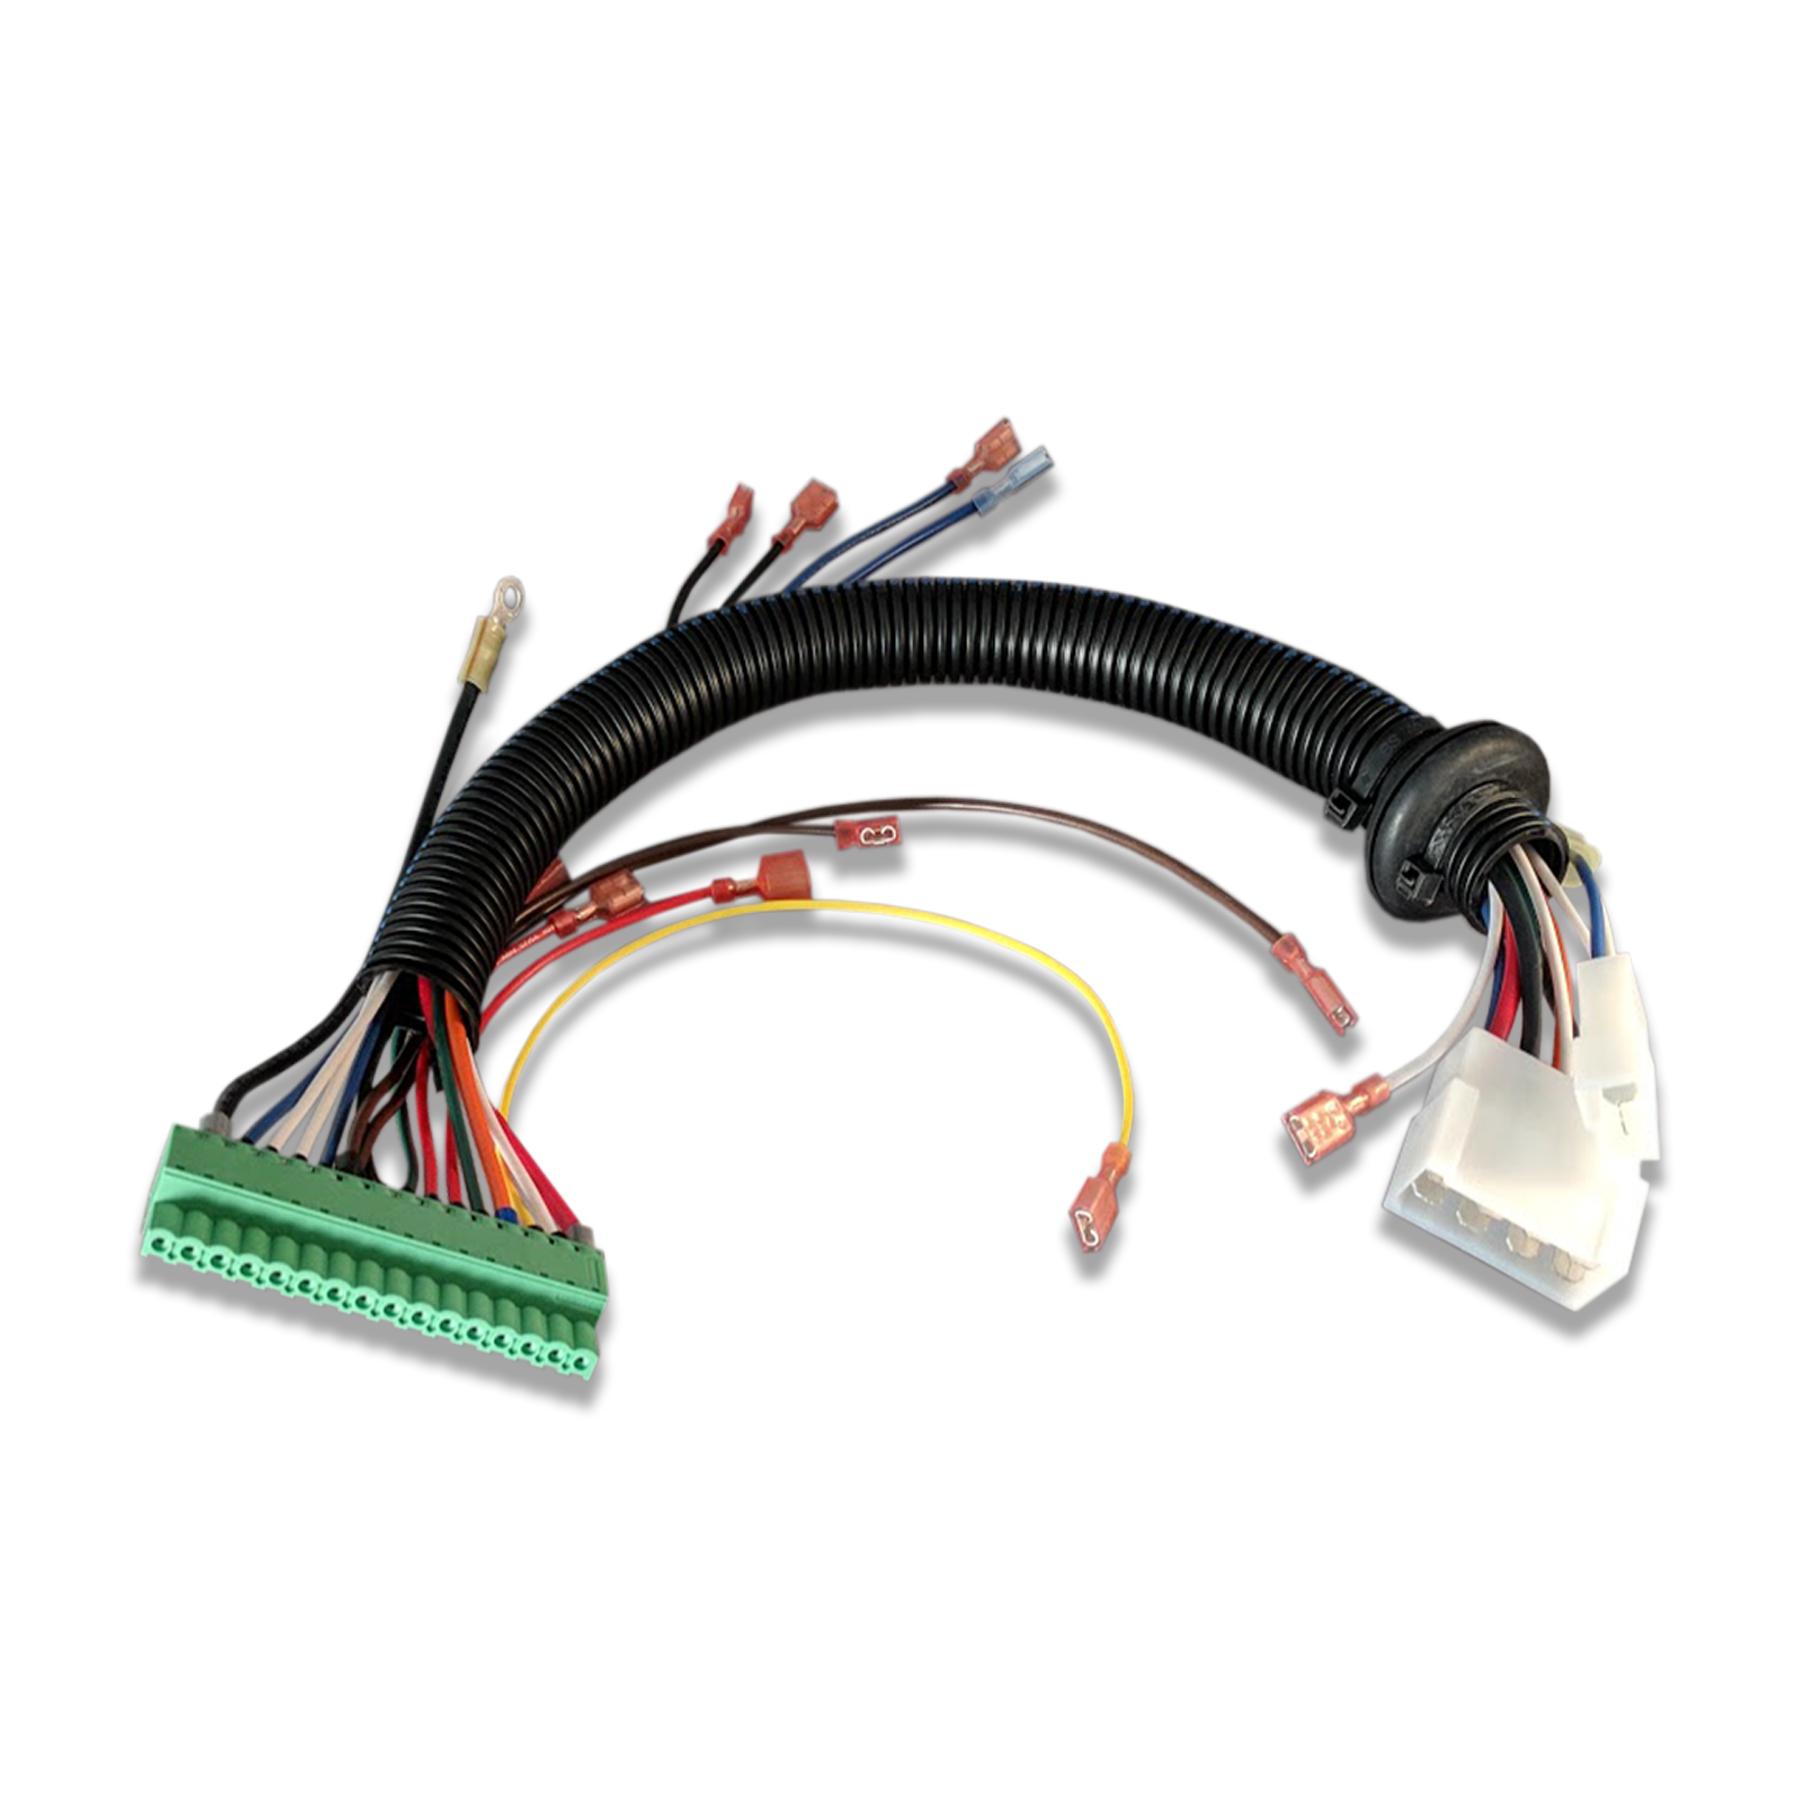 200 Propane Main Wiring Harness